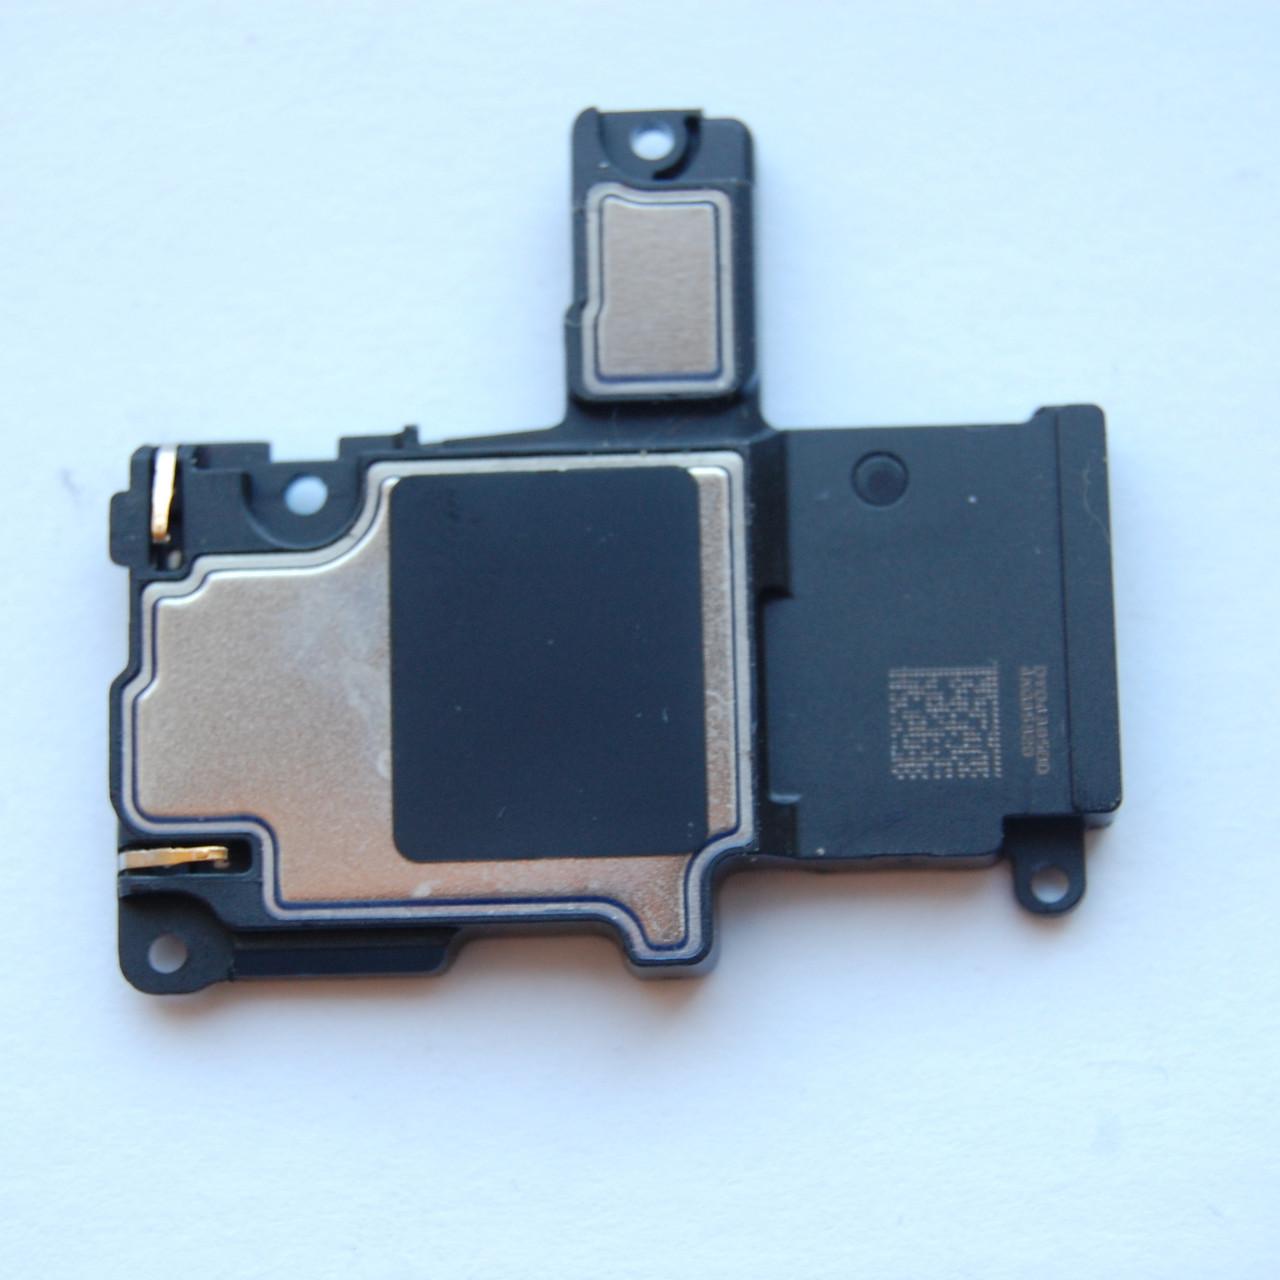 Звонок для Apple iPhone 6, в рамке